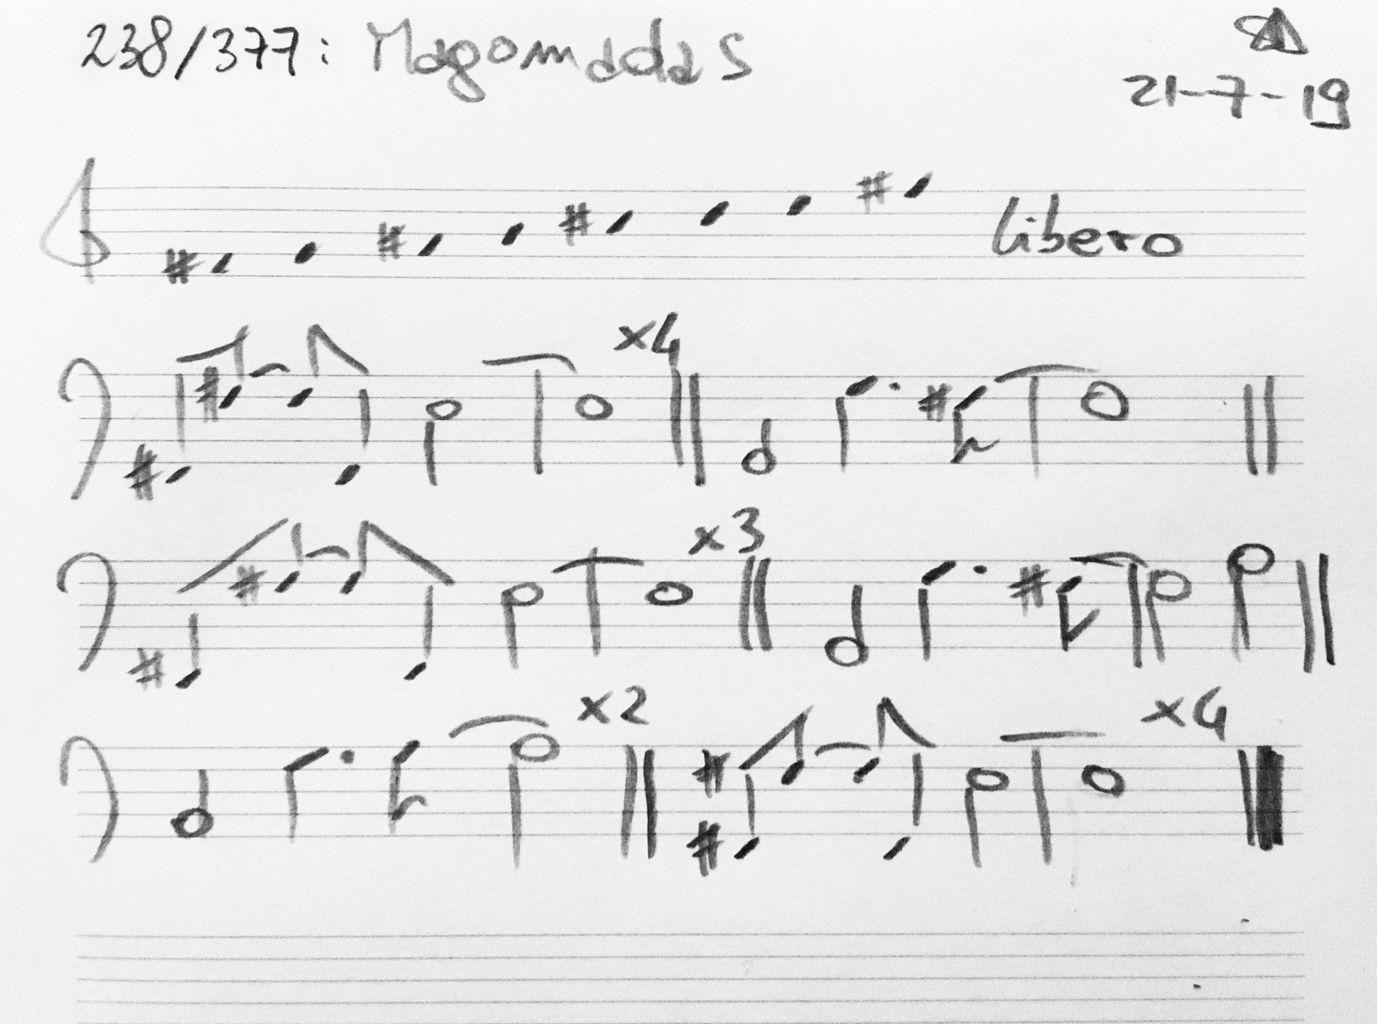 238-Magomadas-score